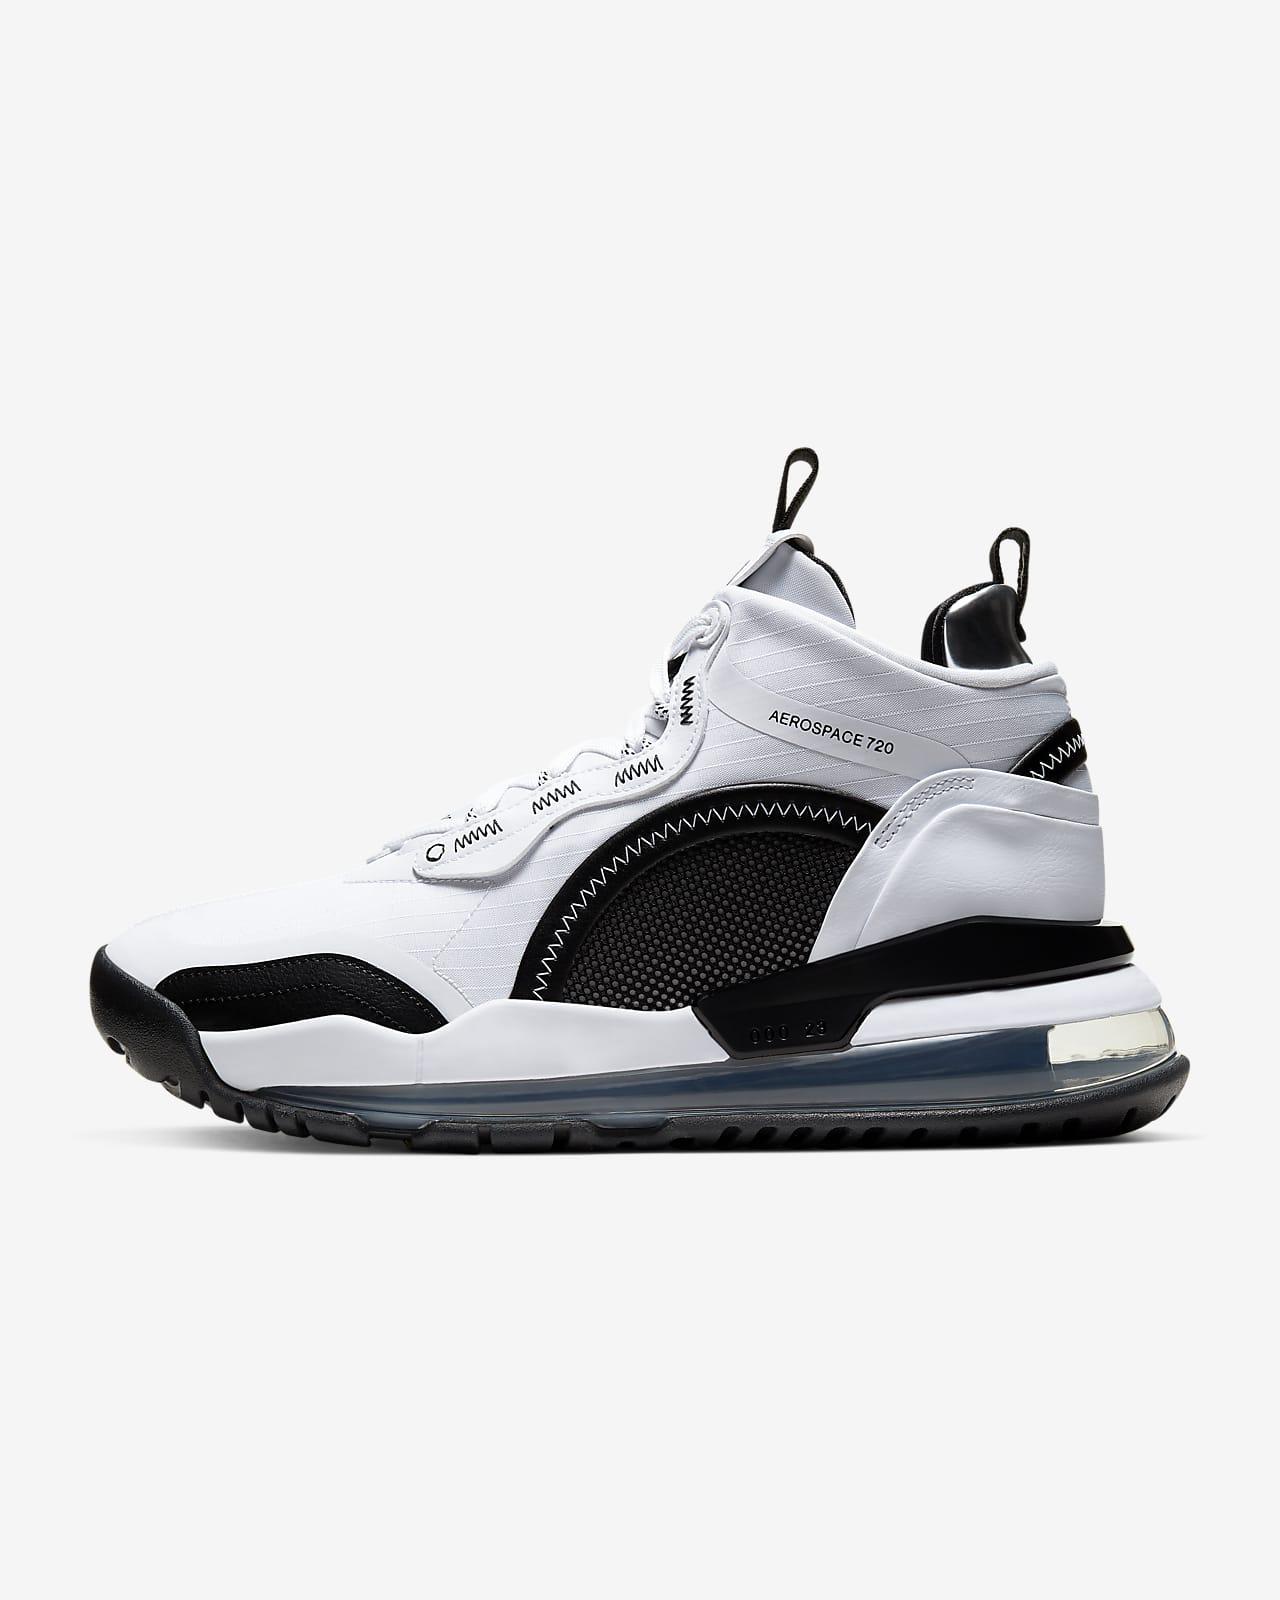 รองเท้าผู้ชาย Jordan Aerospace 720